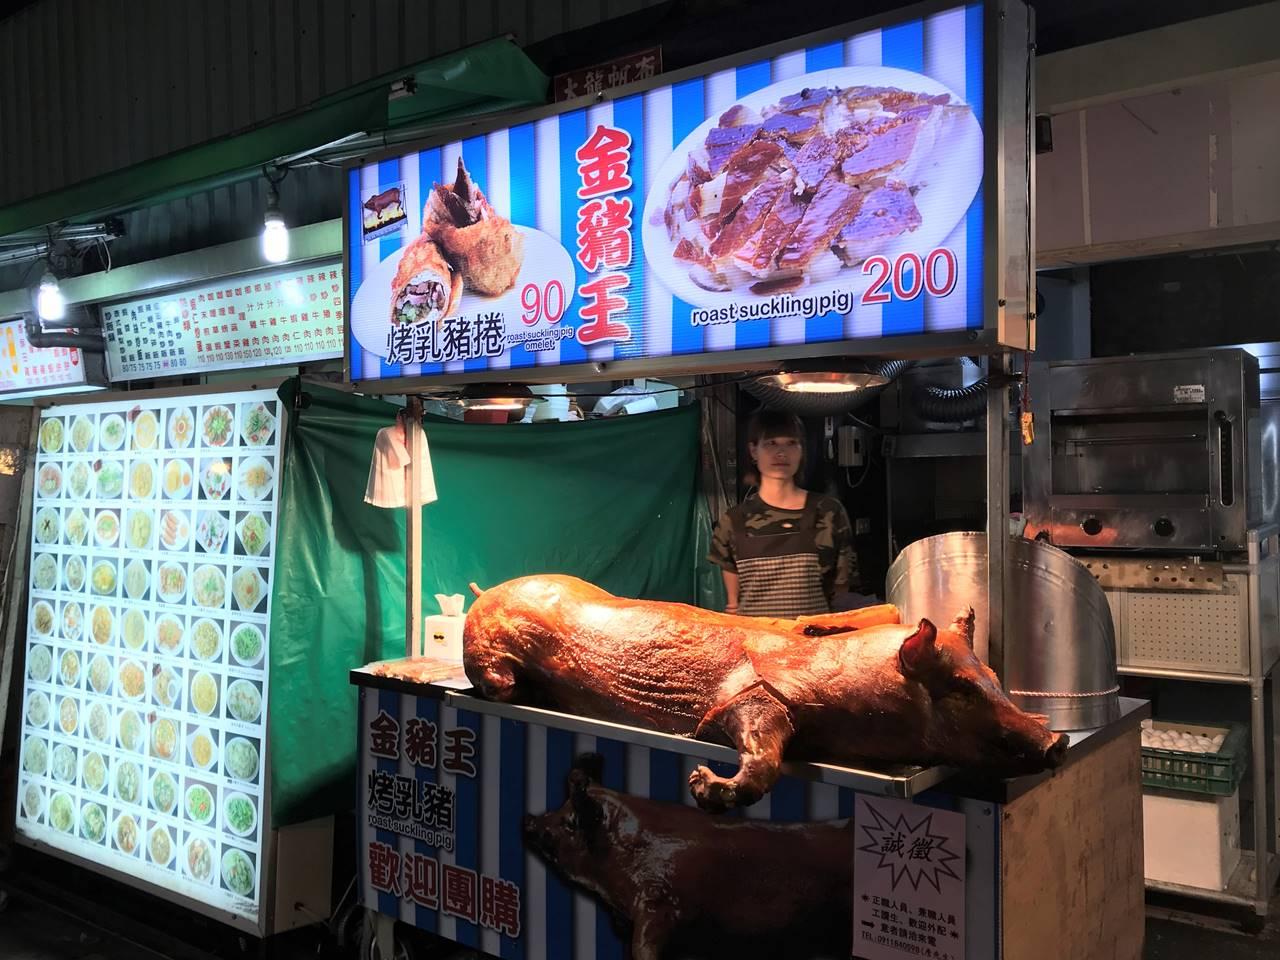 台湾・台北 士林夜市 豚の丸焼き